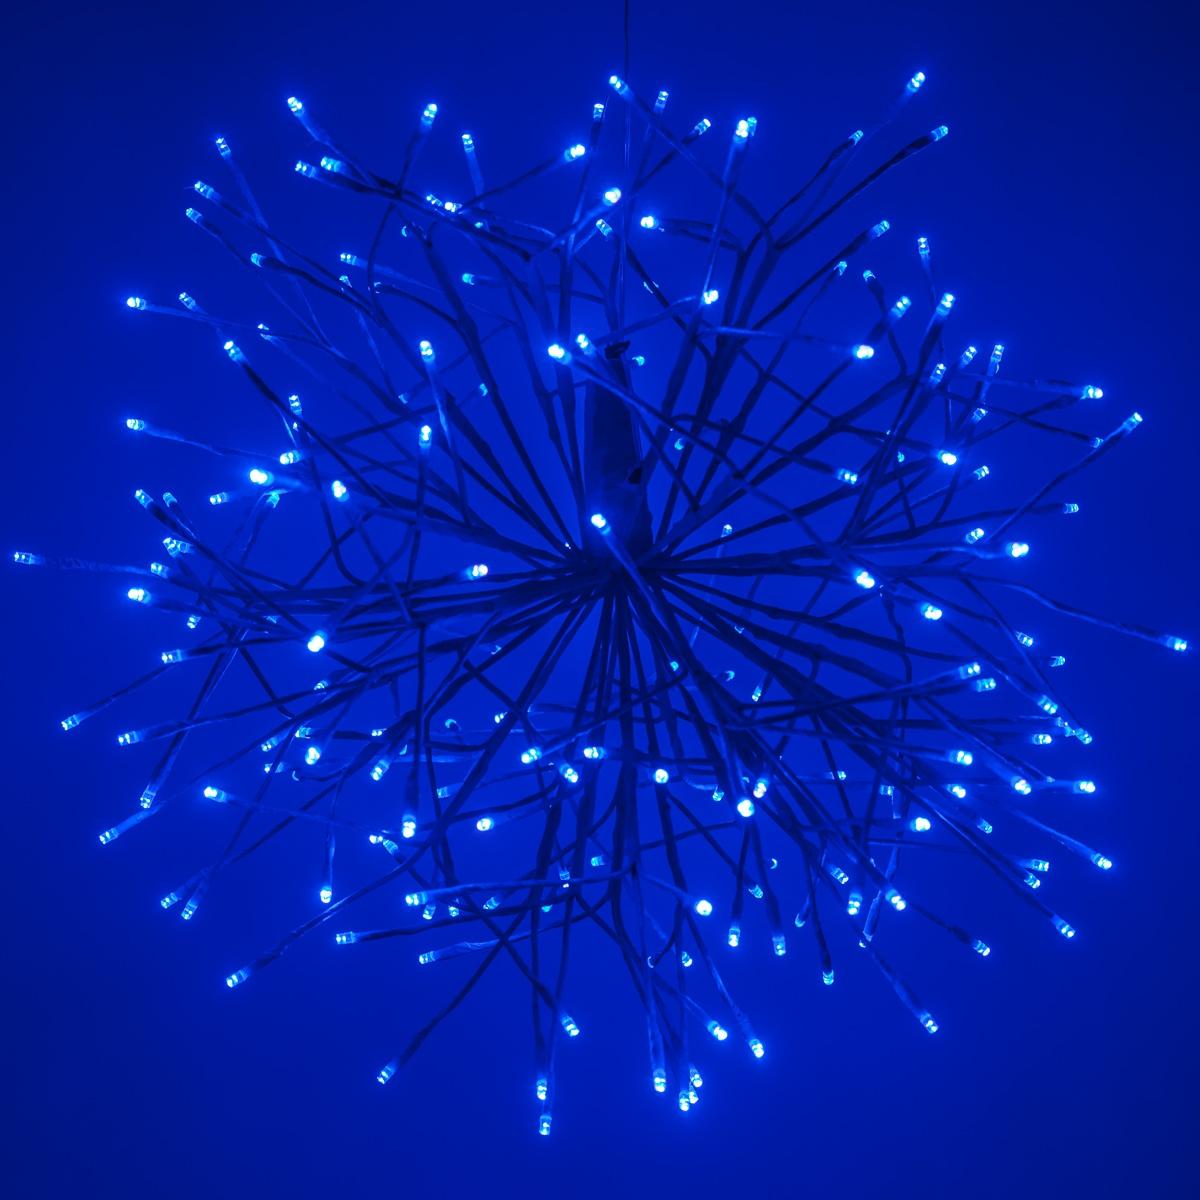 Blue Starburst Led Lighted Branches Blue Cool White